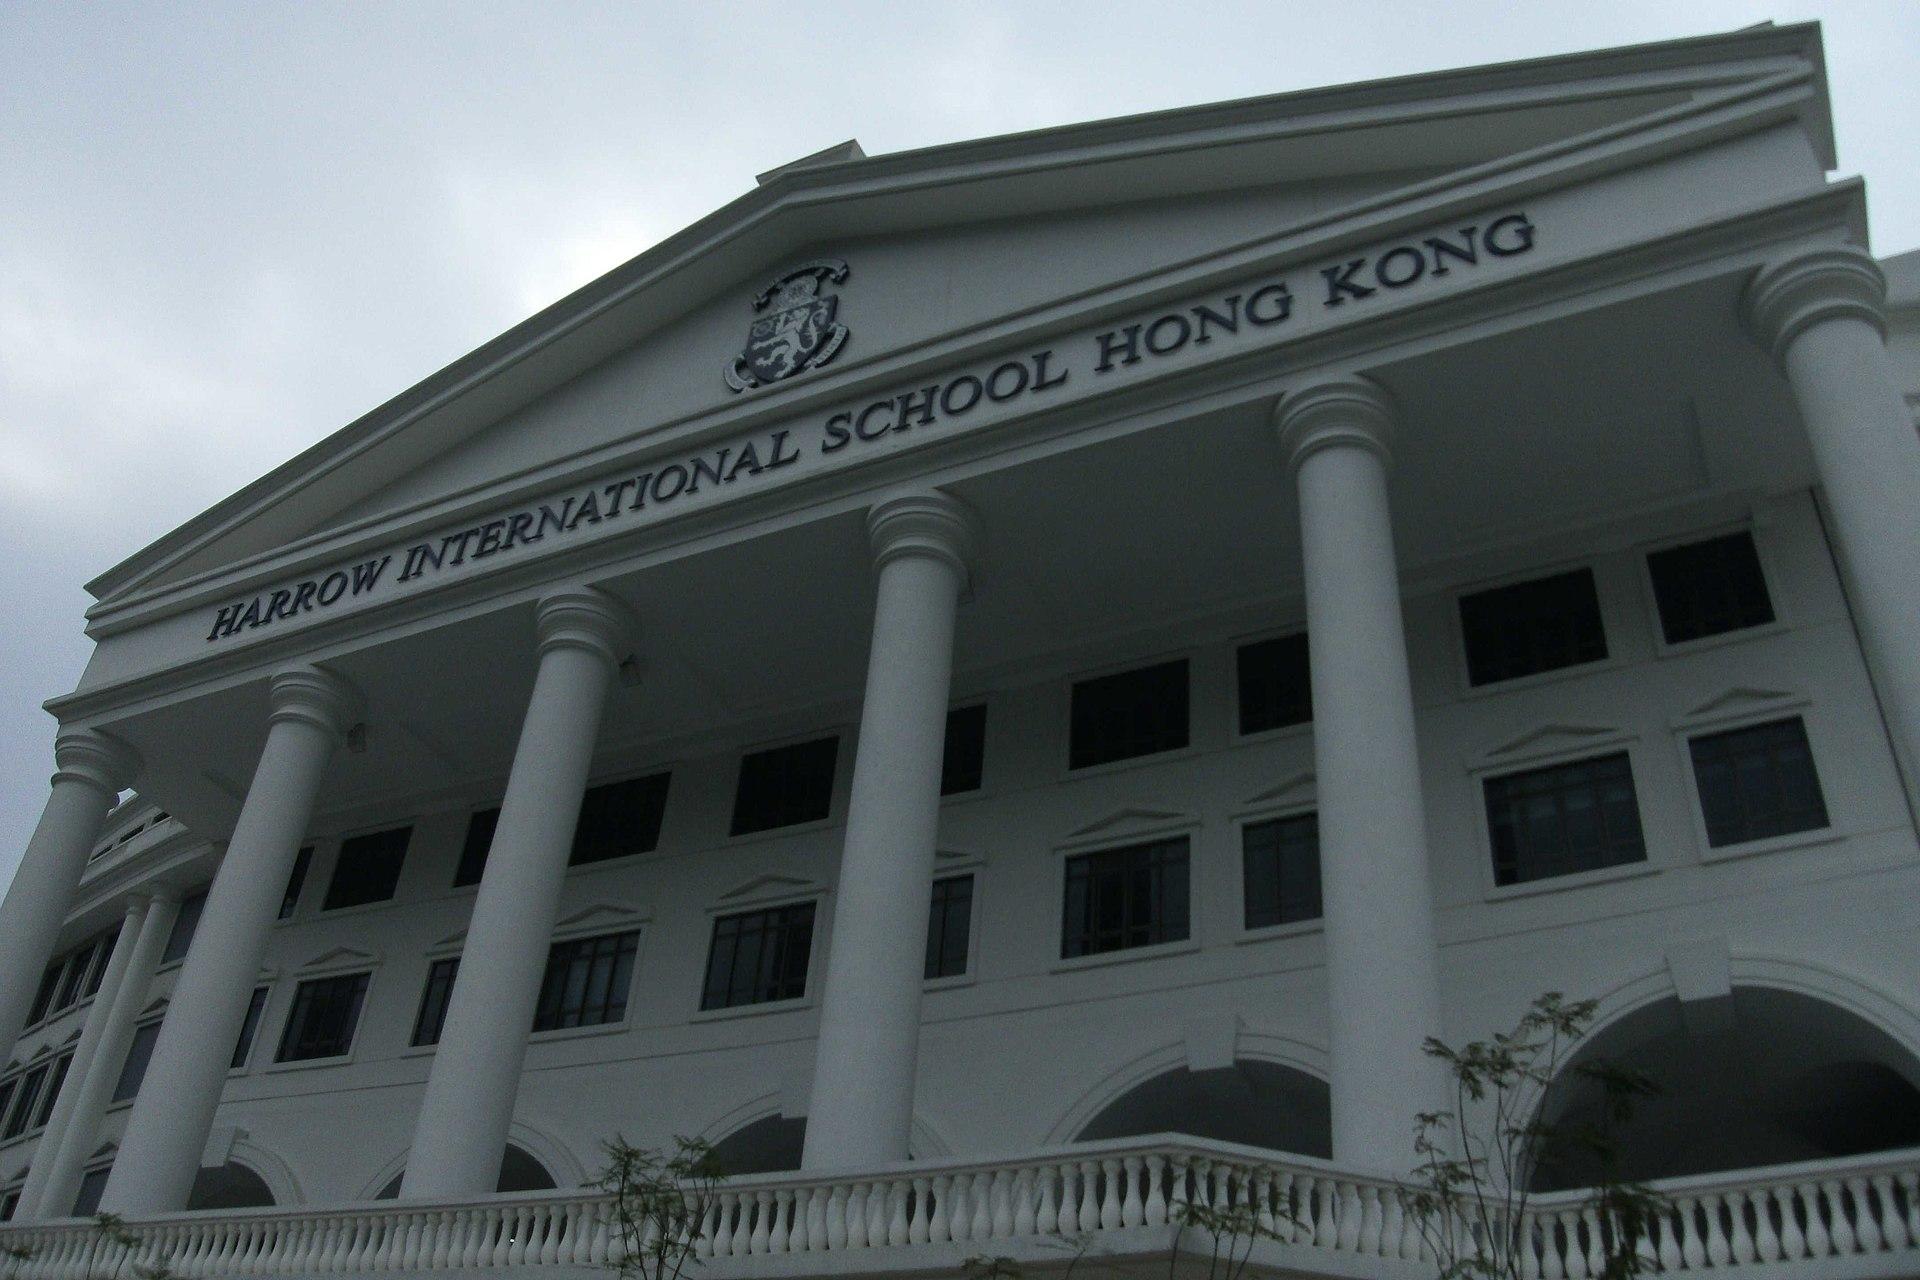 香港國際學校列表 - 維基百科,自由的百科全書